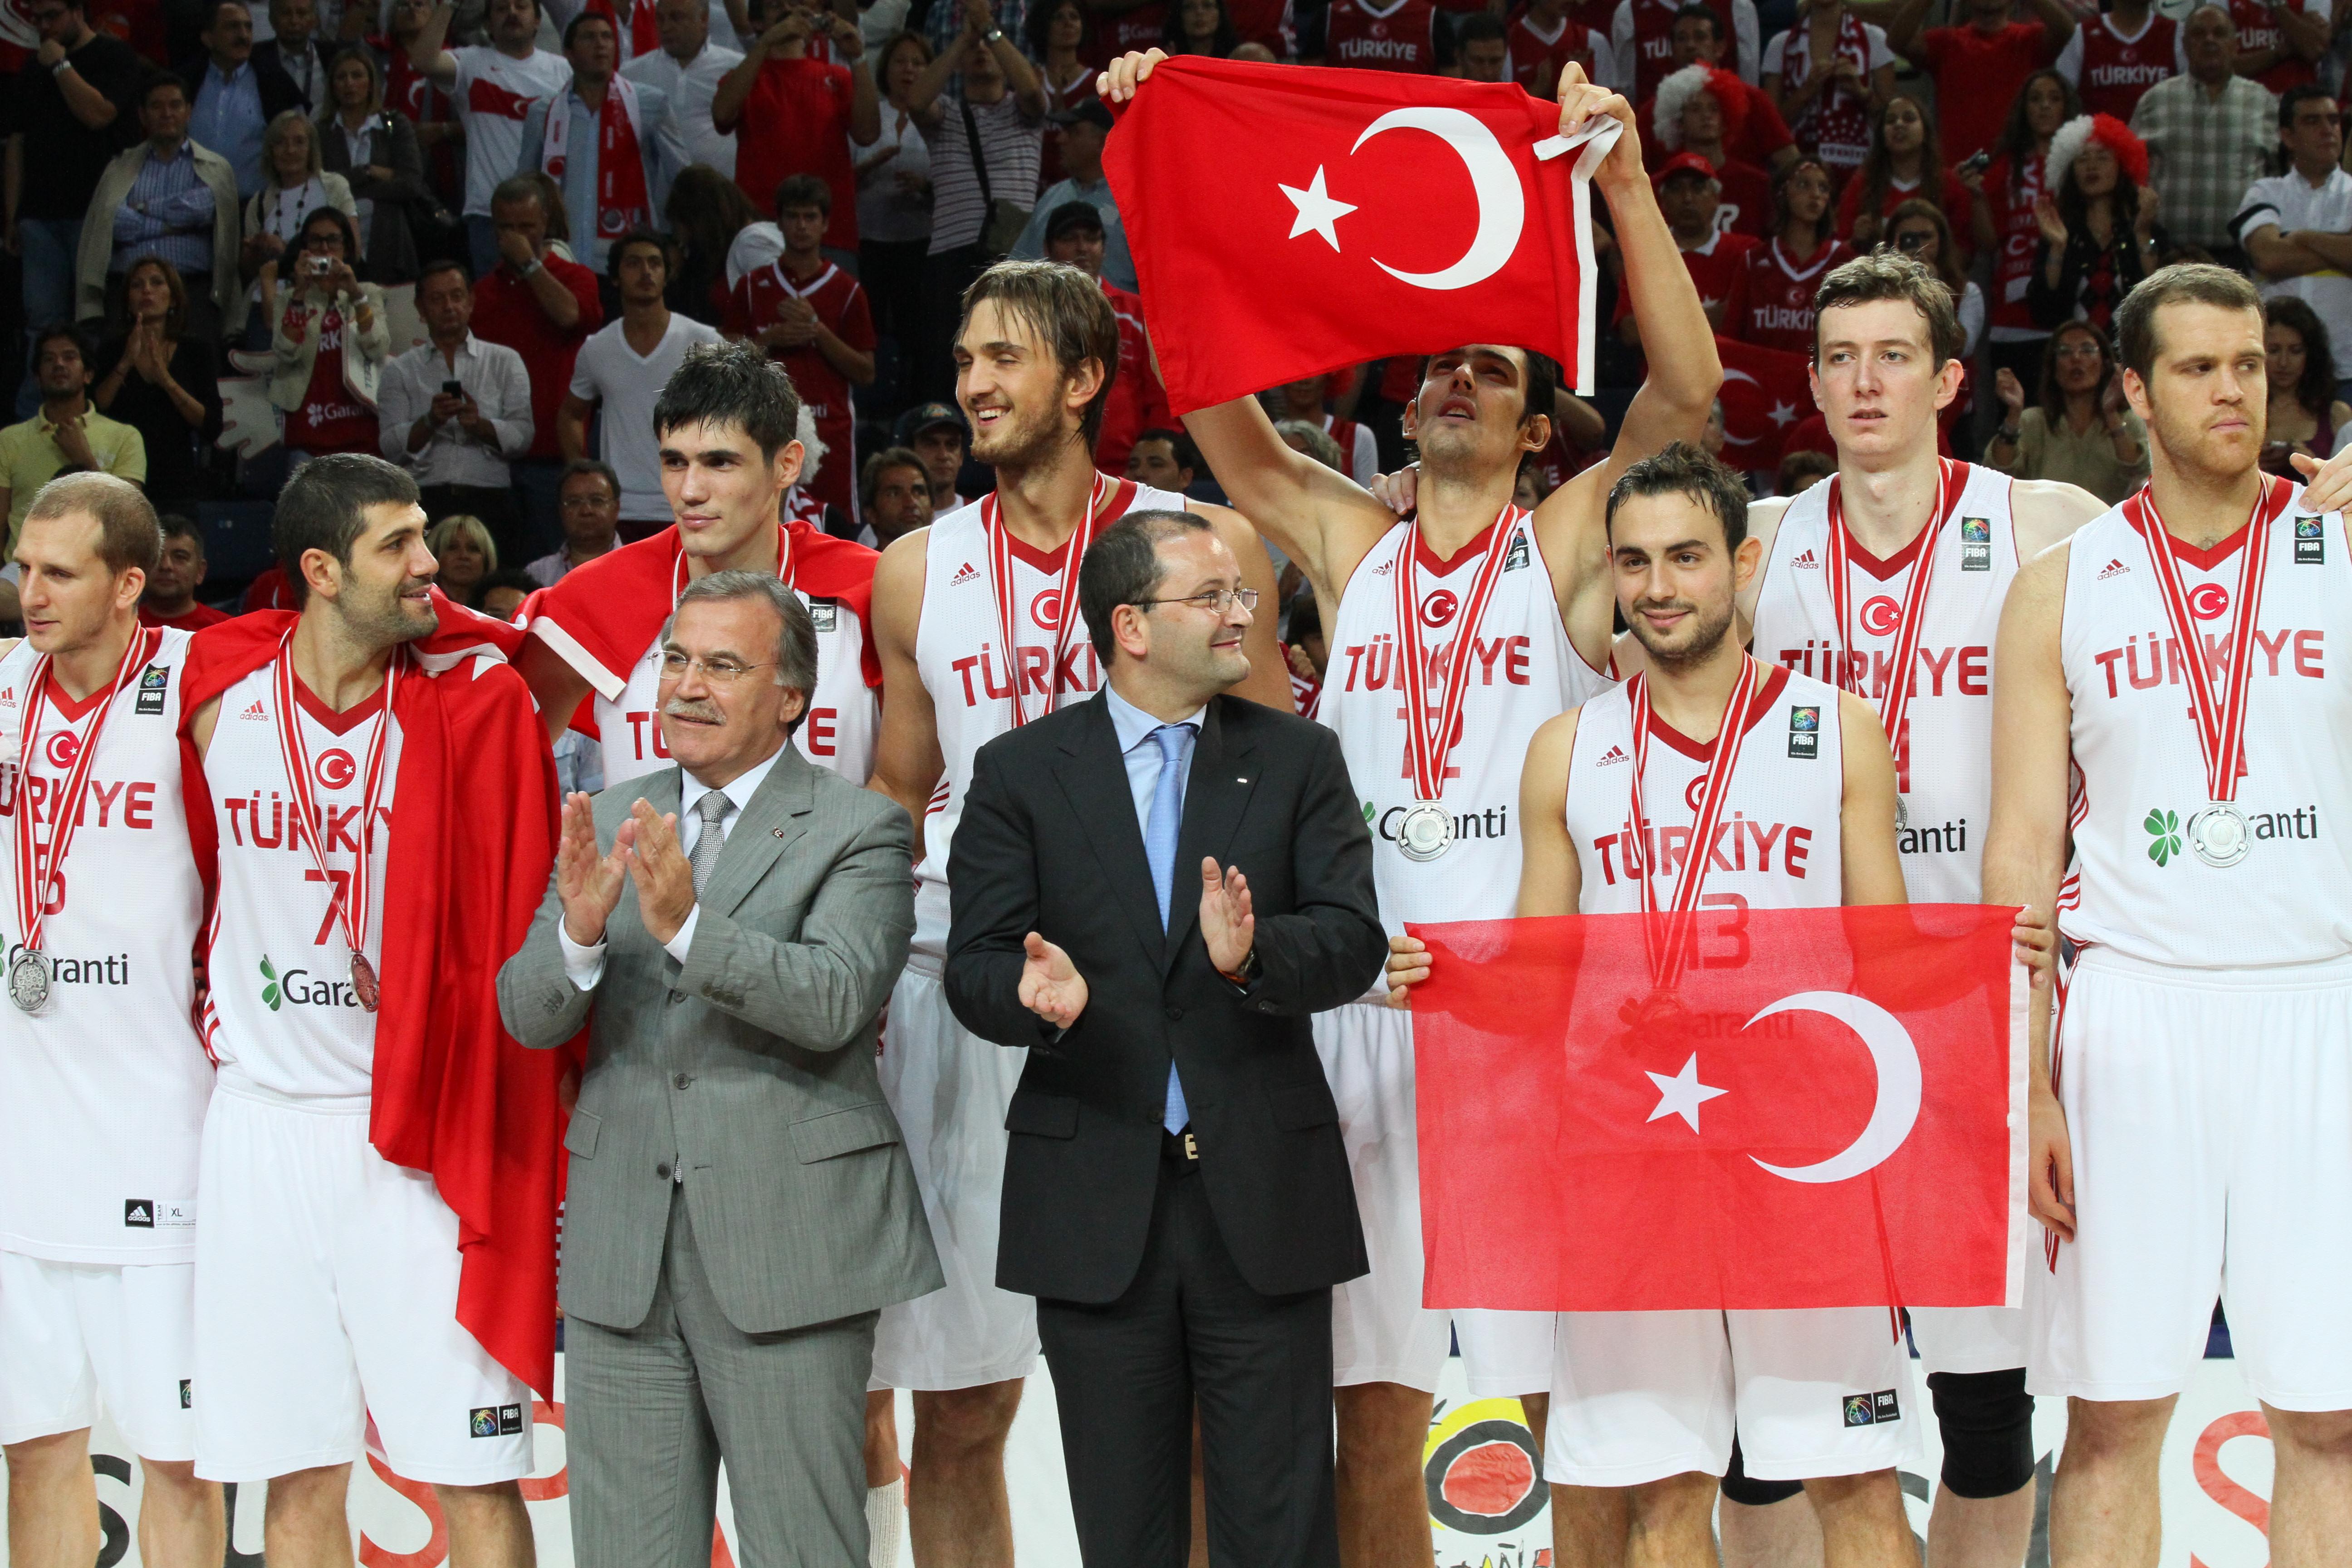 Norteafricanos - Página 3 La_selecci%C3%B3n_turca_de_baloncesto_tras_recibir_la_medalla_de_plata